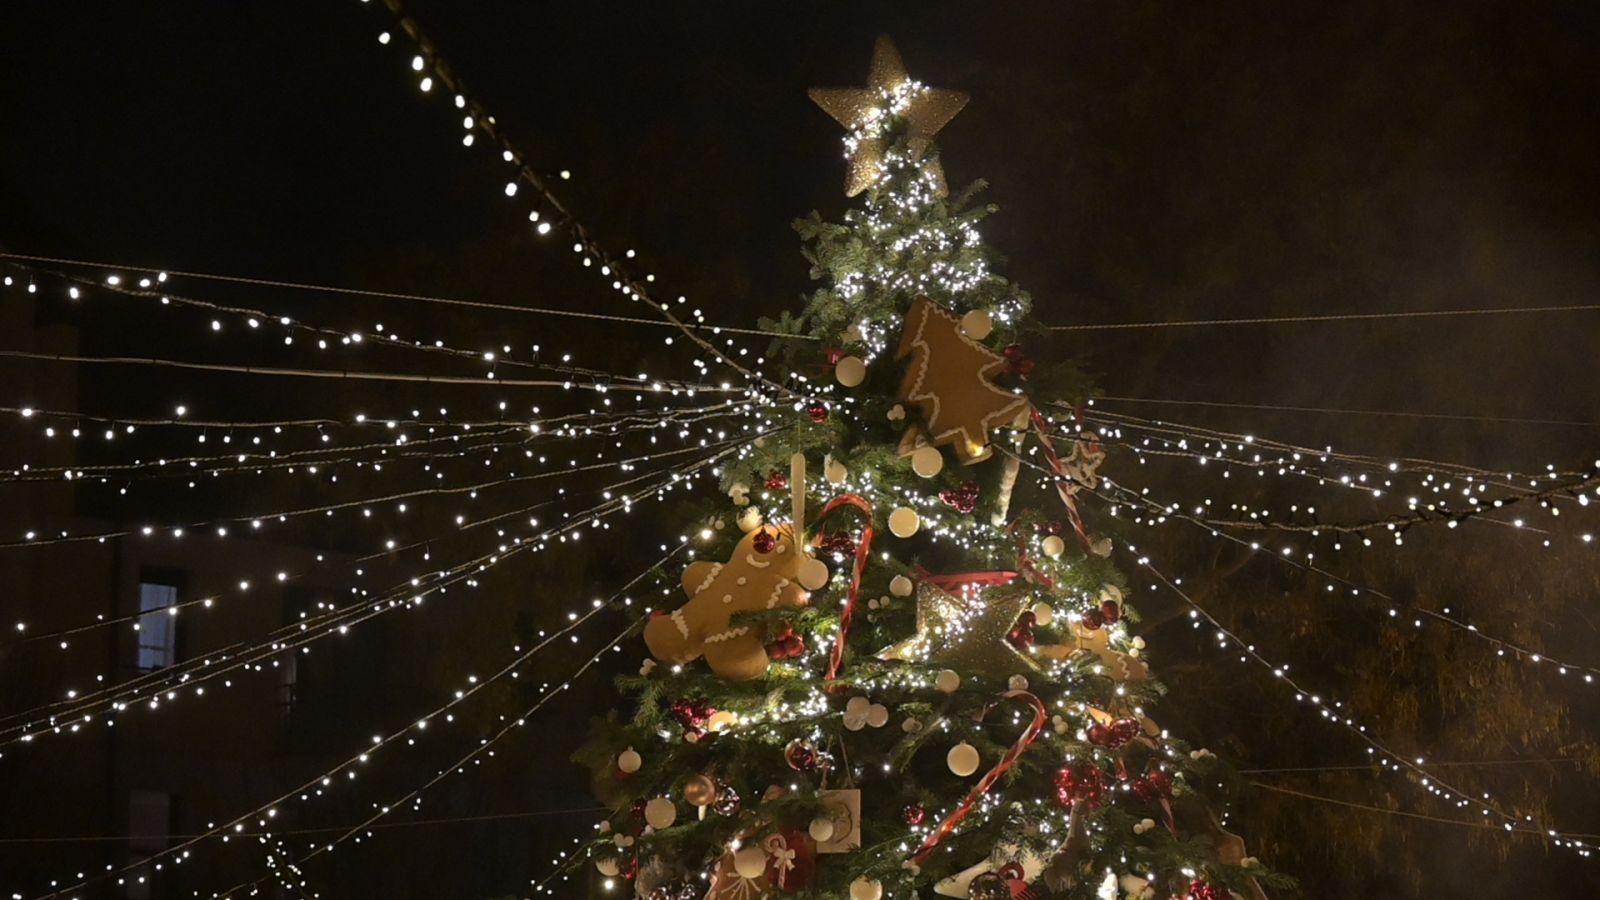 Áldott karácsonyt és boldog új évet kívánunk!